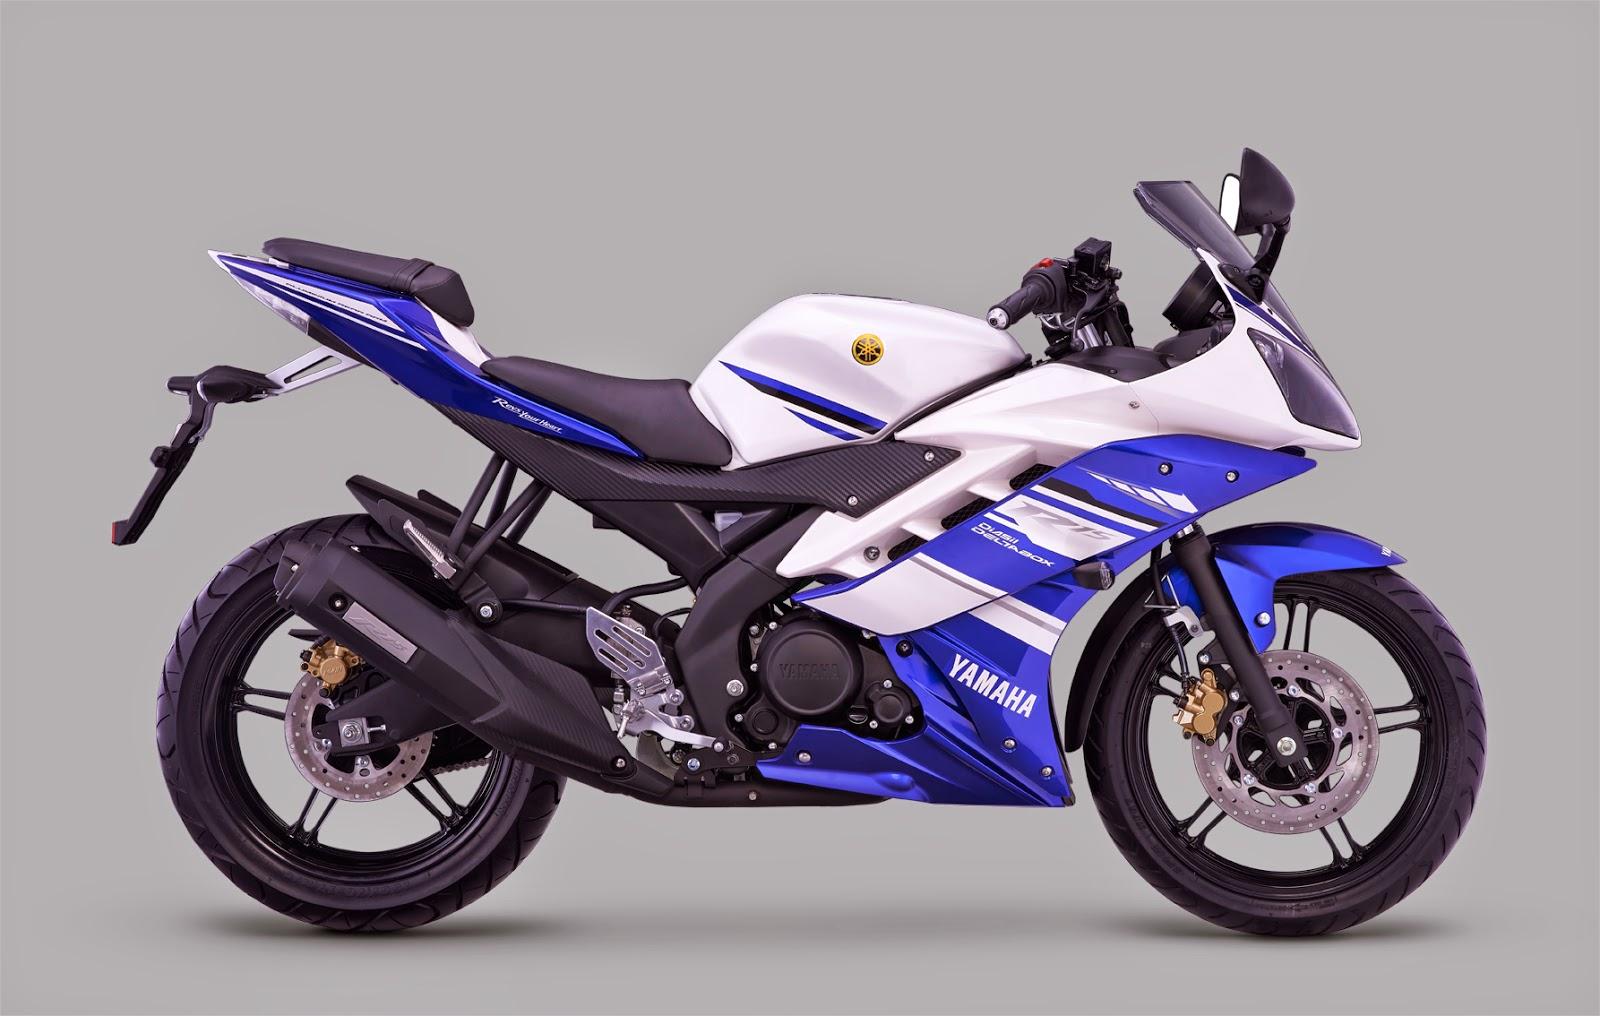 Daftar Harga Cash Atau Kredit Dan Informasi Motor Yamaha 2016 Dp Uang Muka 30 Nmax Non Abs Leasing Hitam 11 Bulan Gambar Yzf R25 Racing Blue